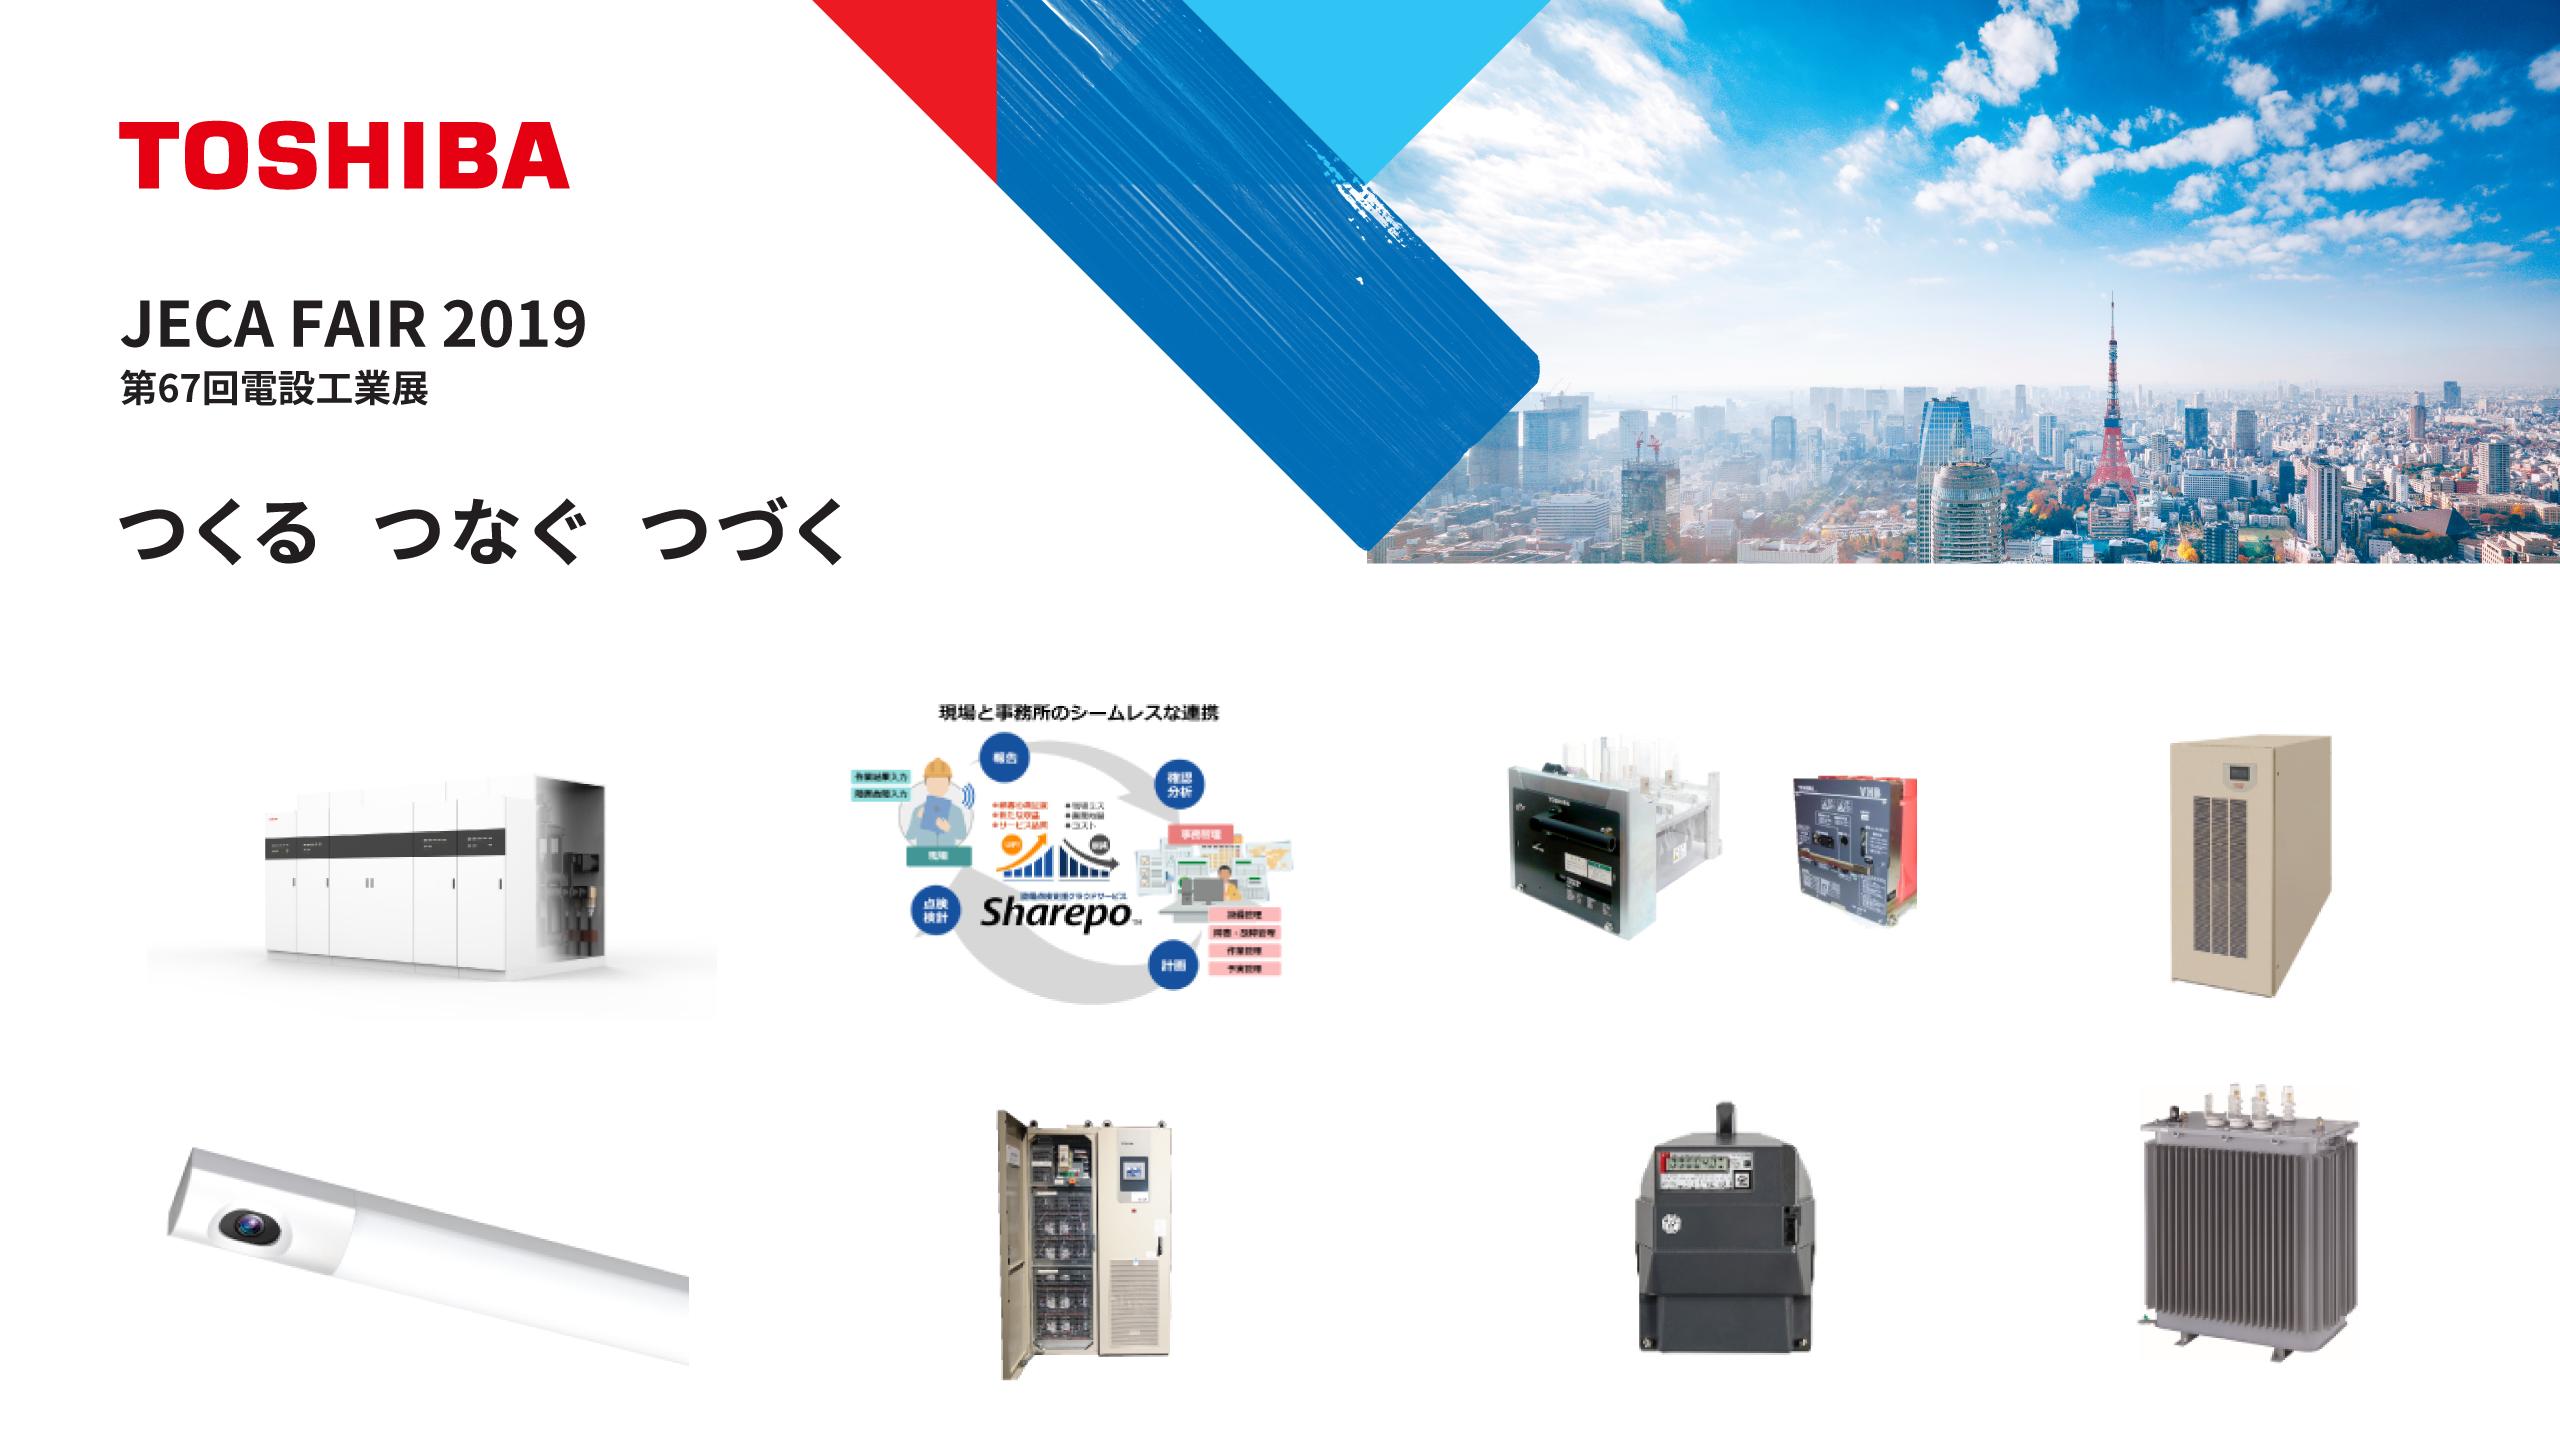 東芝 インフラ システムズ 株式 会社